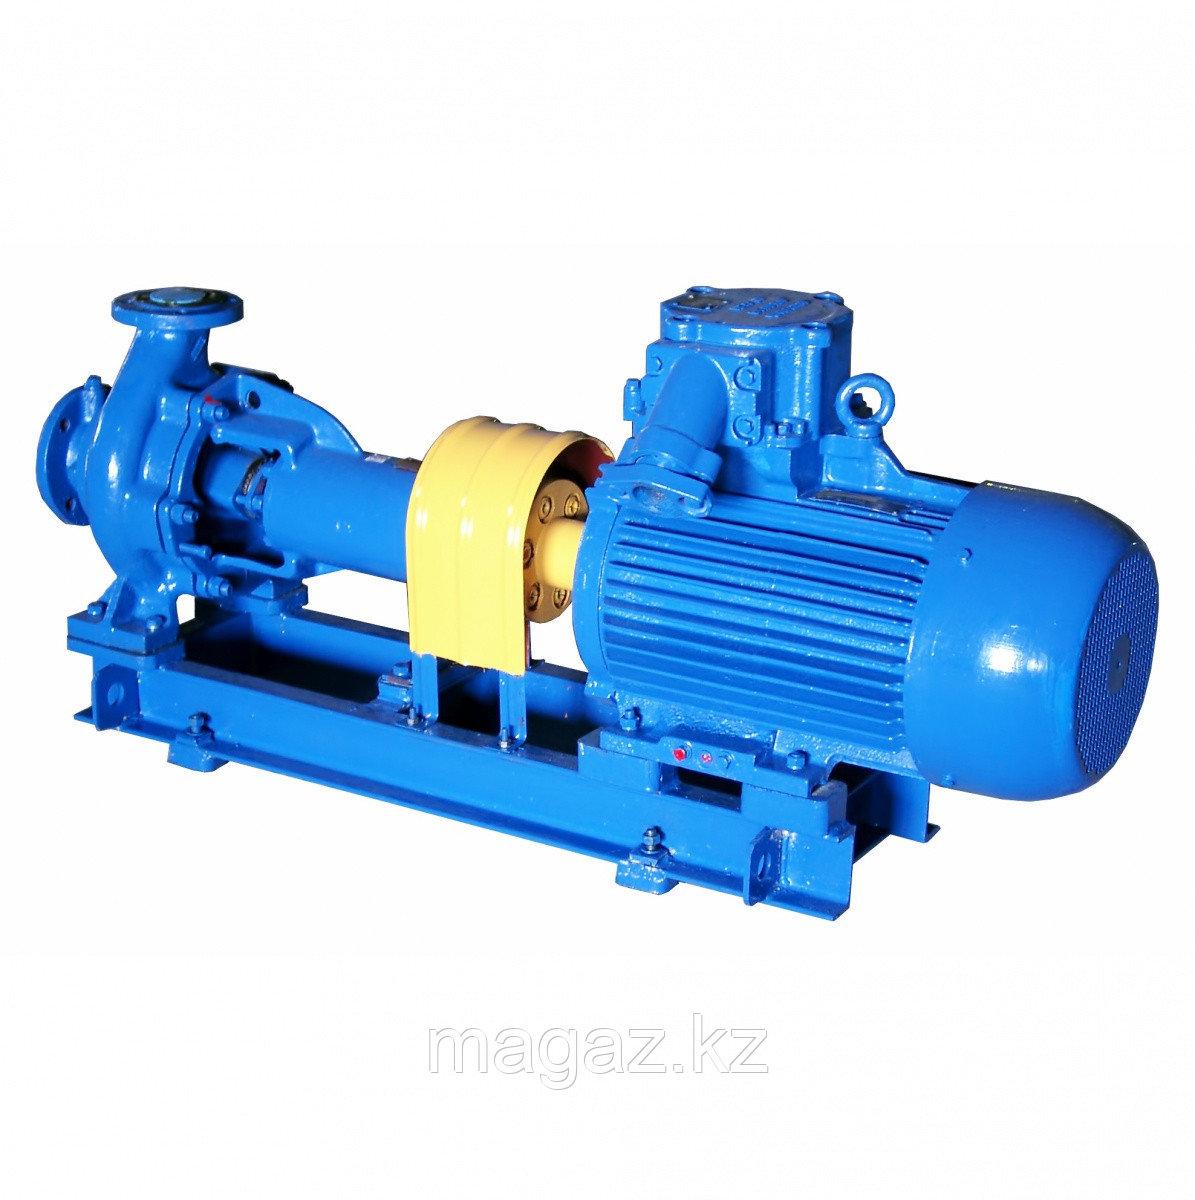 Фекальный насос СМ 200-150-400-6б